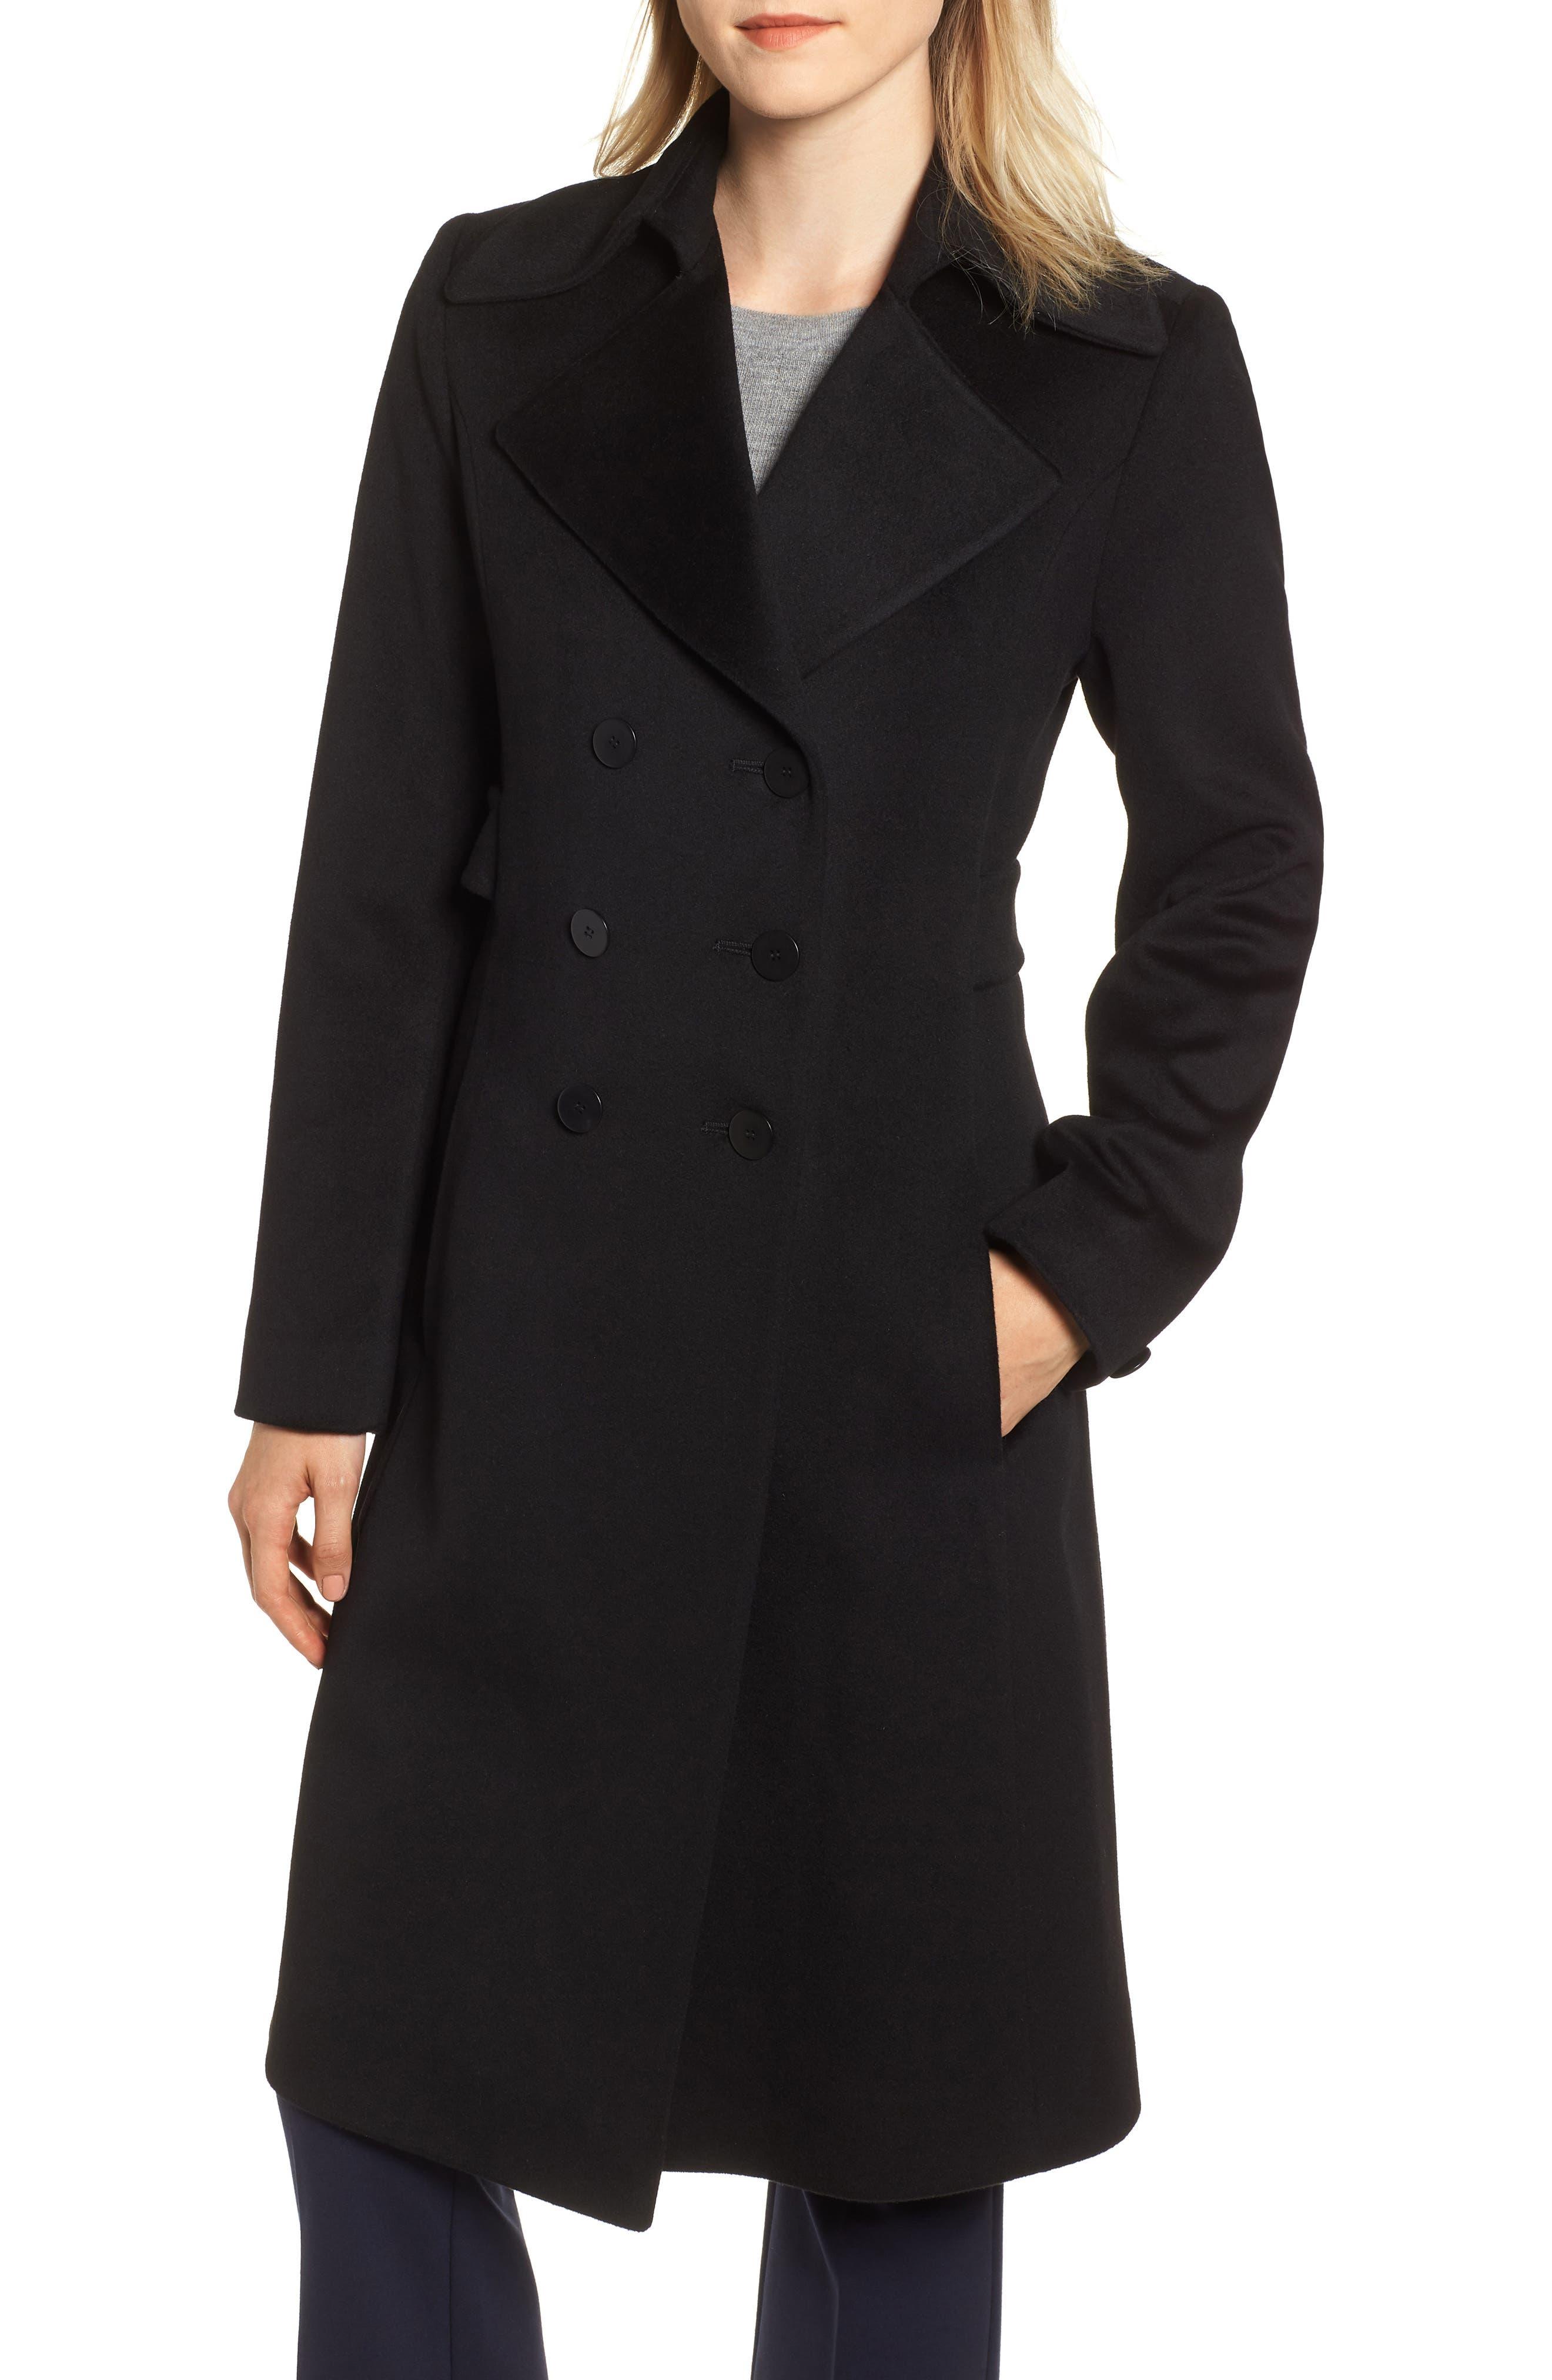 Double Breasted Loro Piana Wool Coat by Fleurette